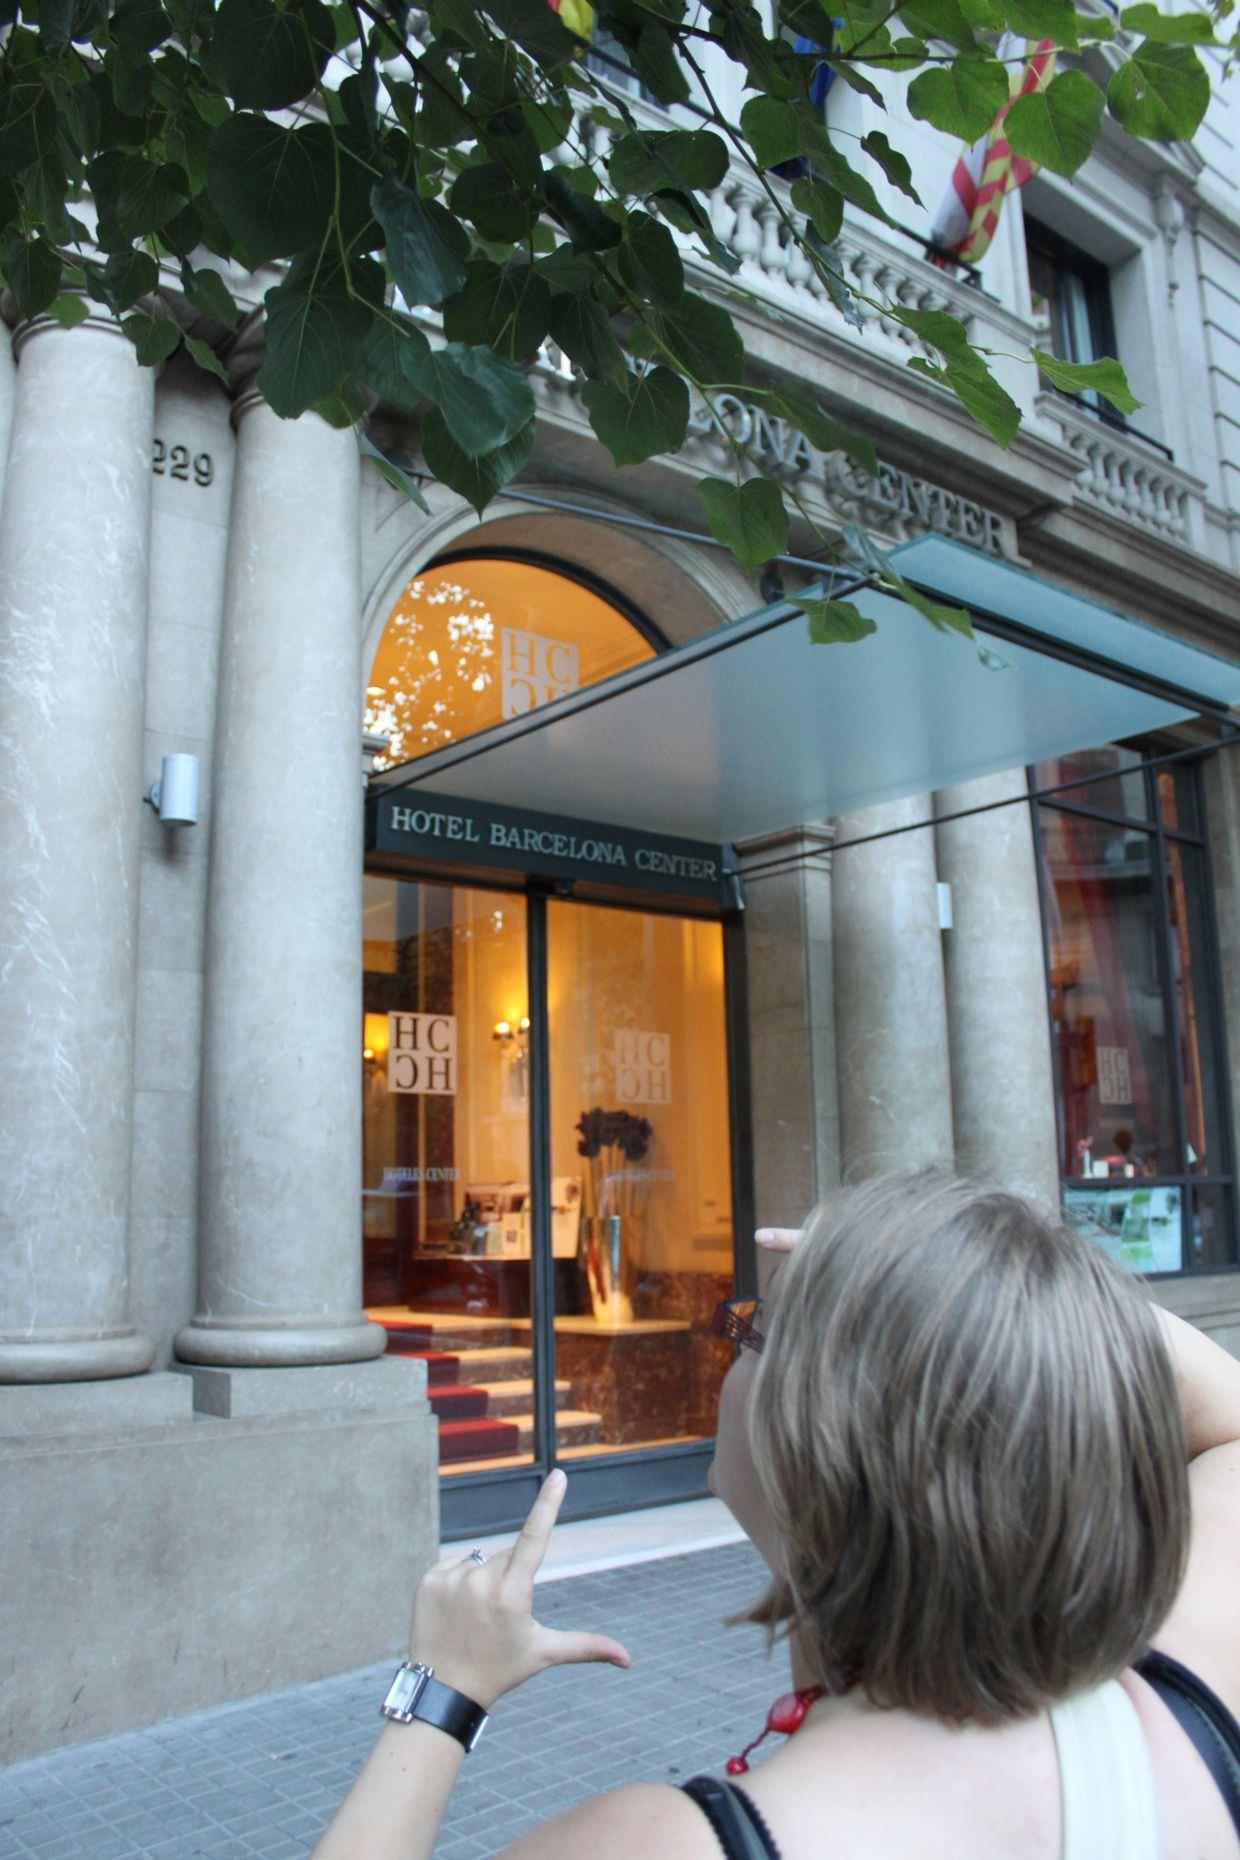 Samantha explaining the photograph I should take outside Hotel Center